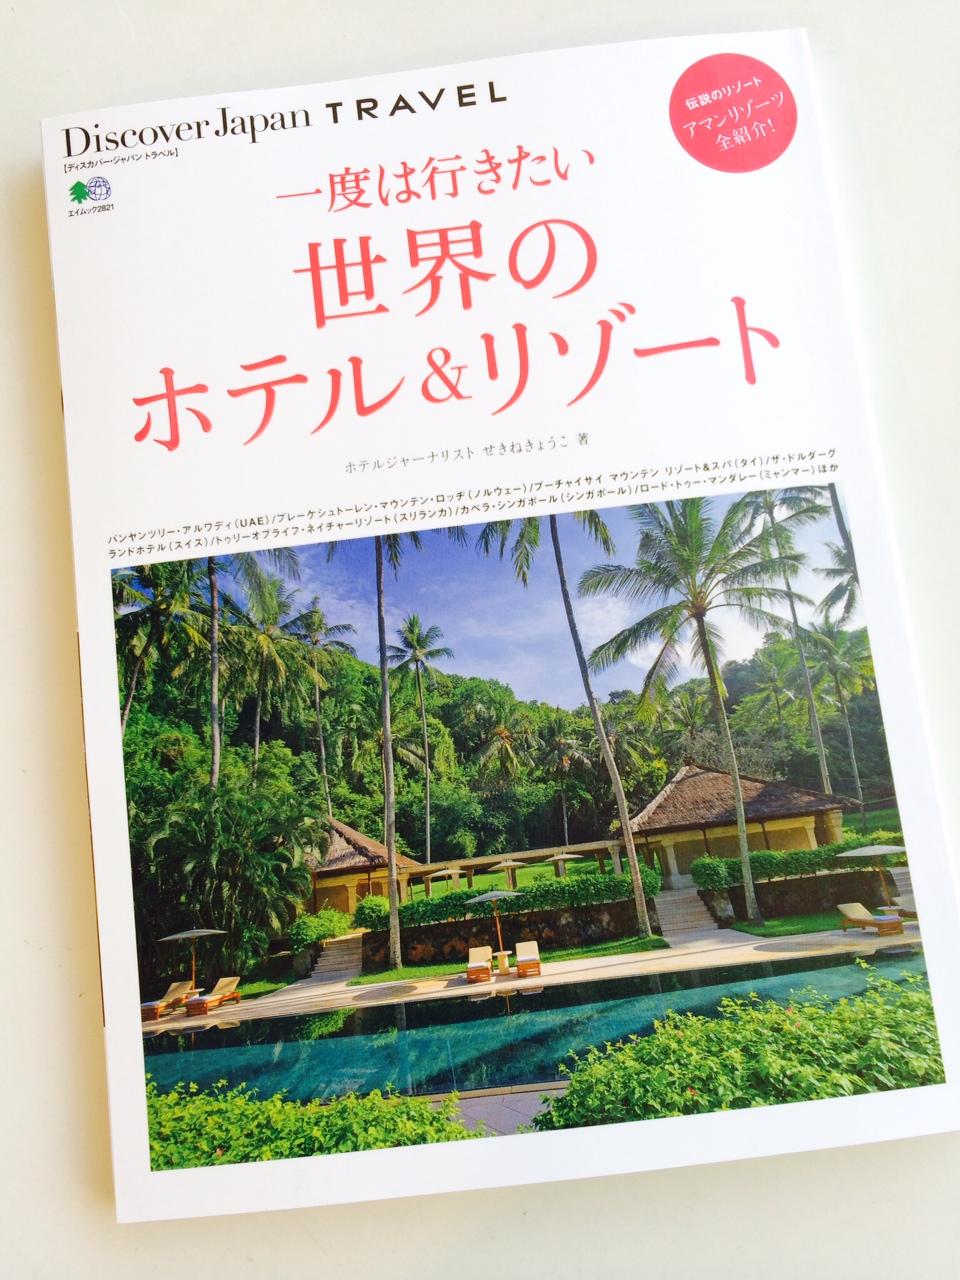 【旅 books】「Discover Japan TRAVEL 一度は行きたい世界のホテル&リゾート」_f0201310_14305694.jpg